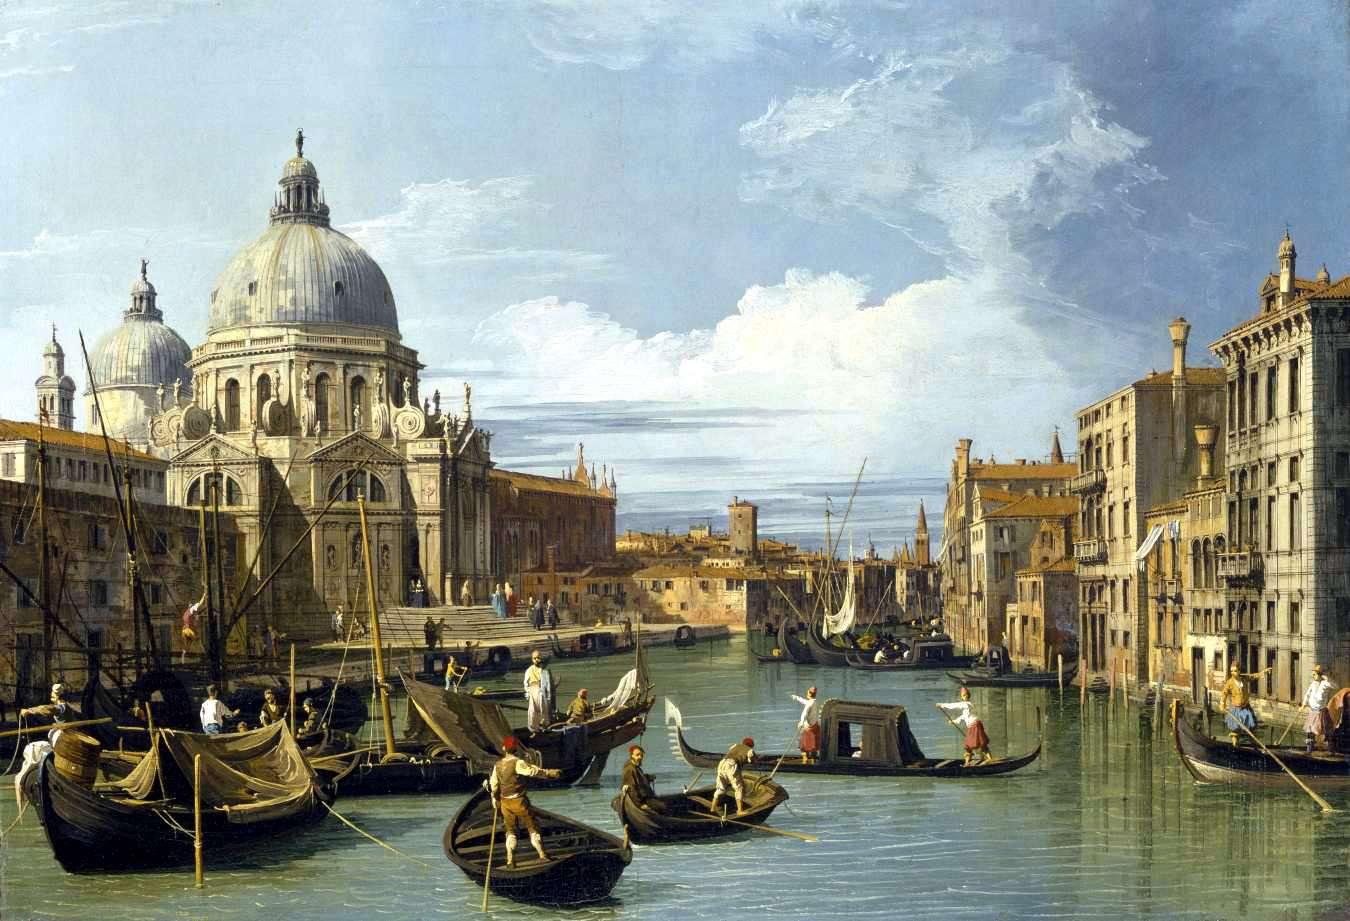 Καναλέττο: Entrance to the Grand Canal, Venice, c. 1730